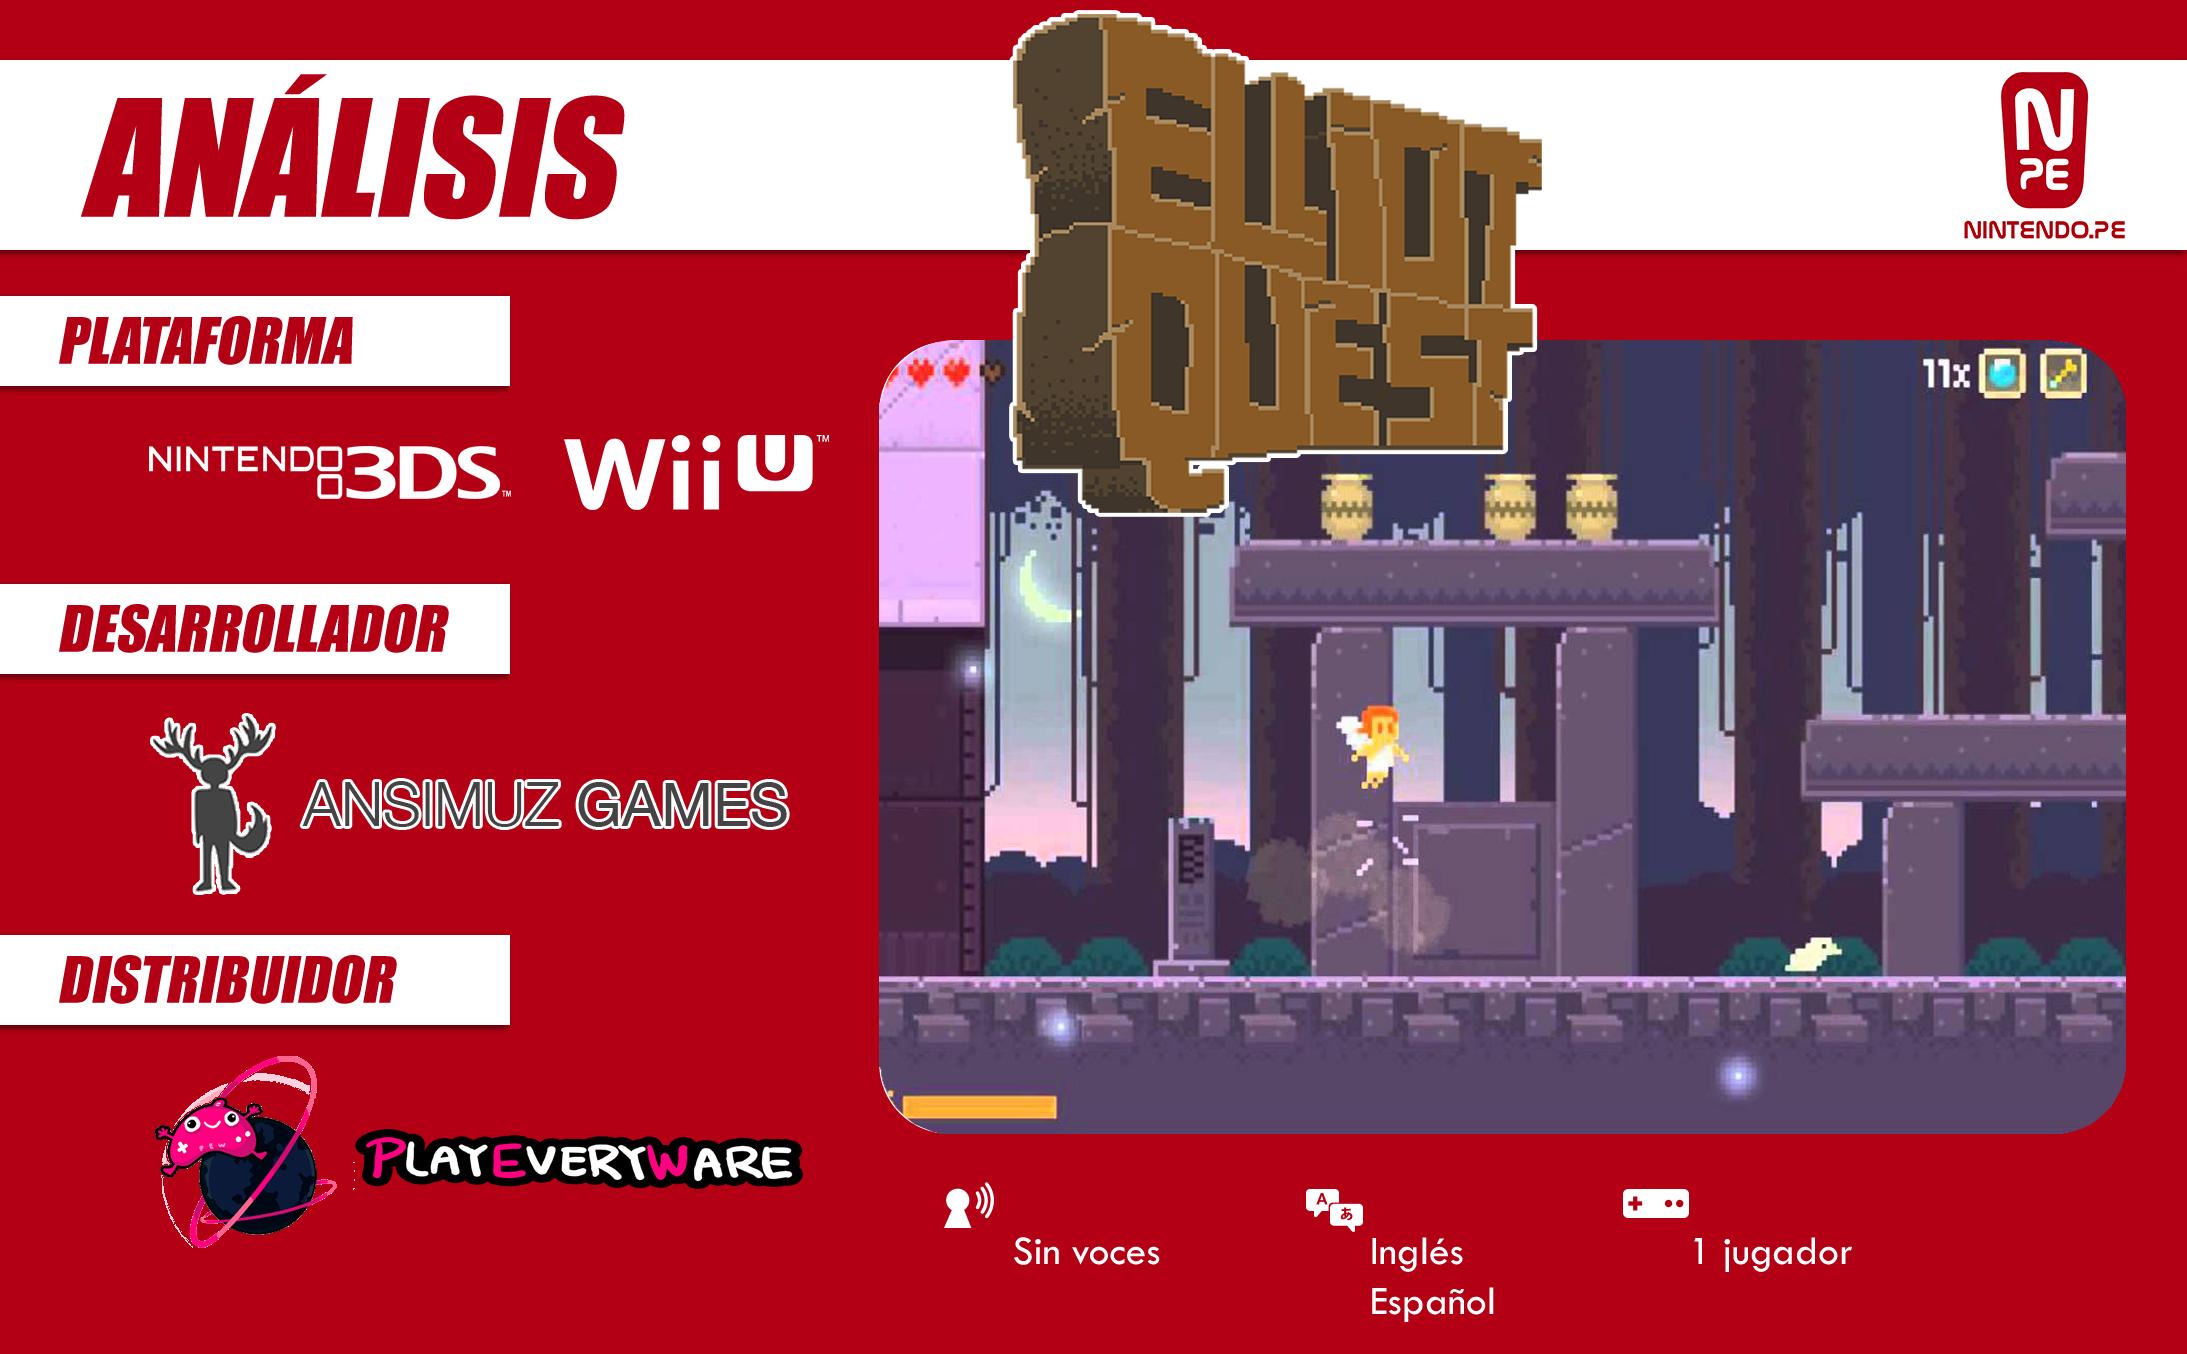 Elliot Quest (3DS) – Análisis - NPe